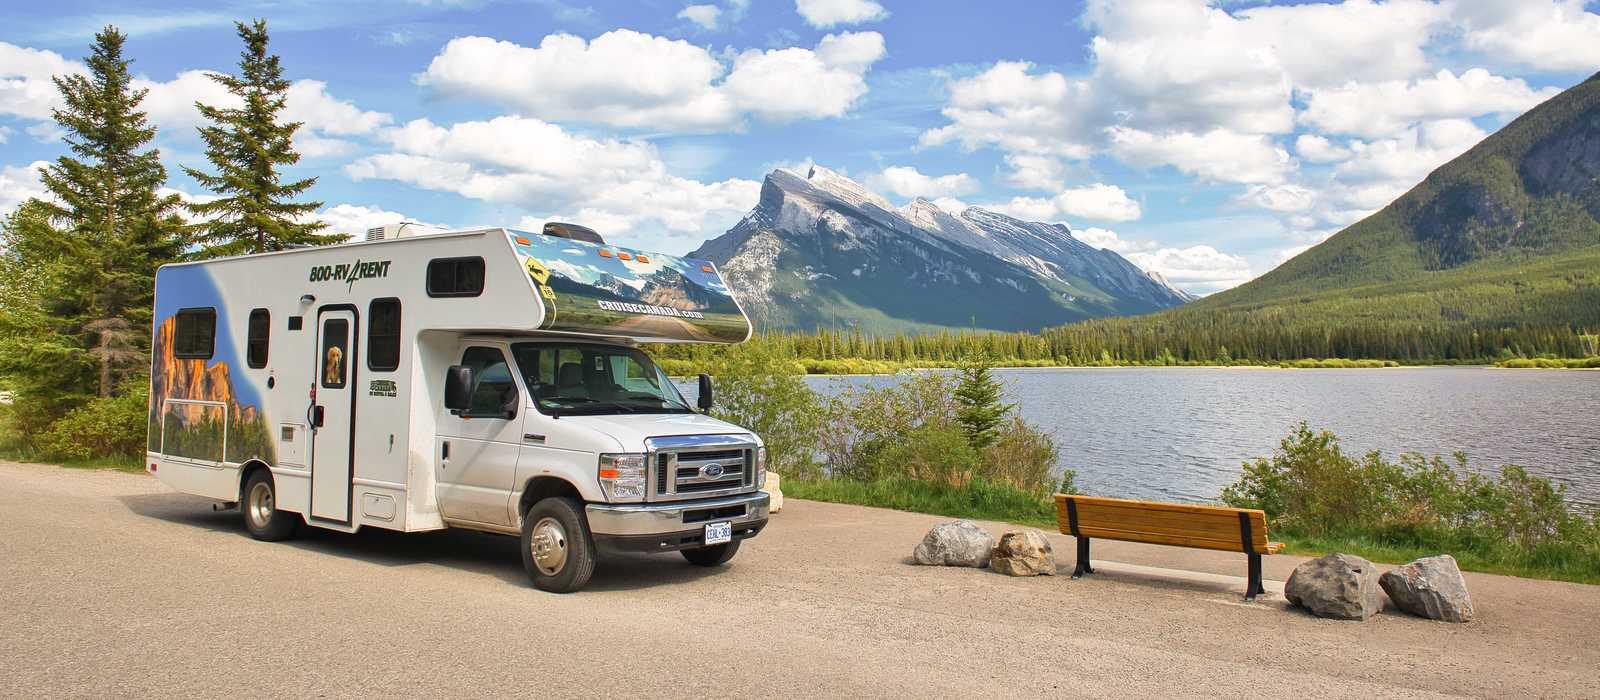 Der Camper C25 von Cruise America in Banff